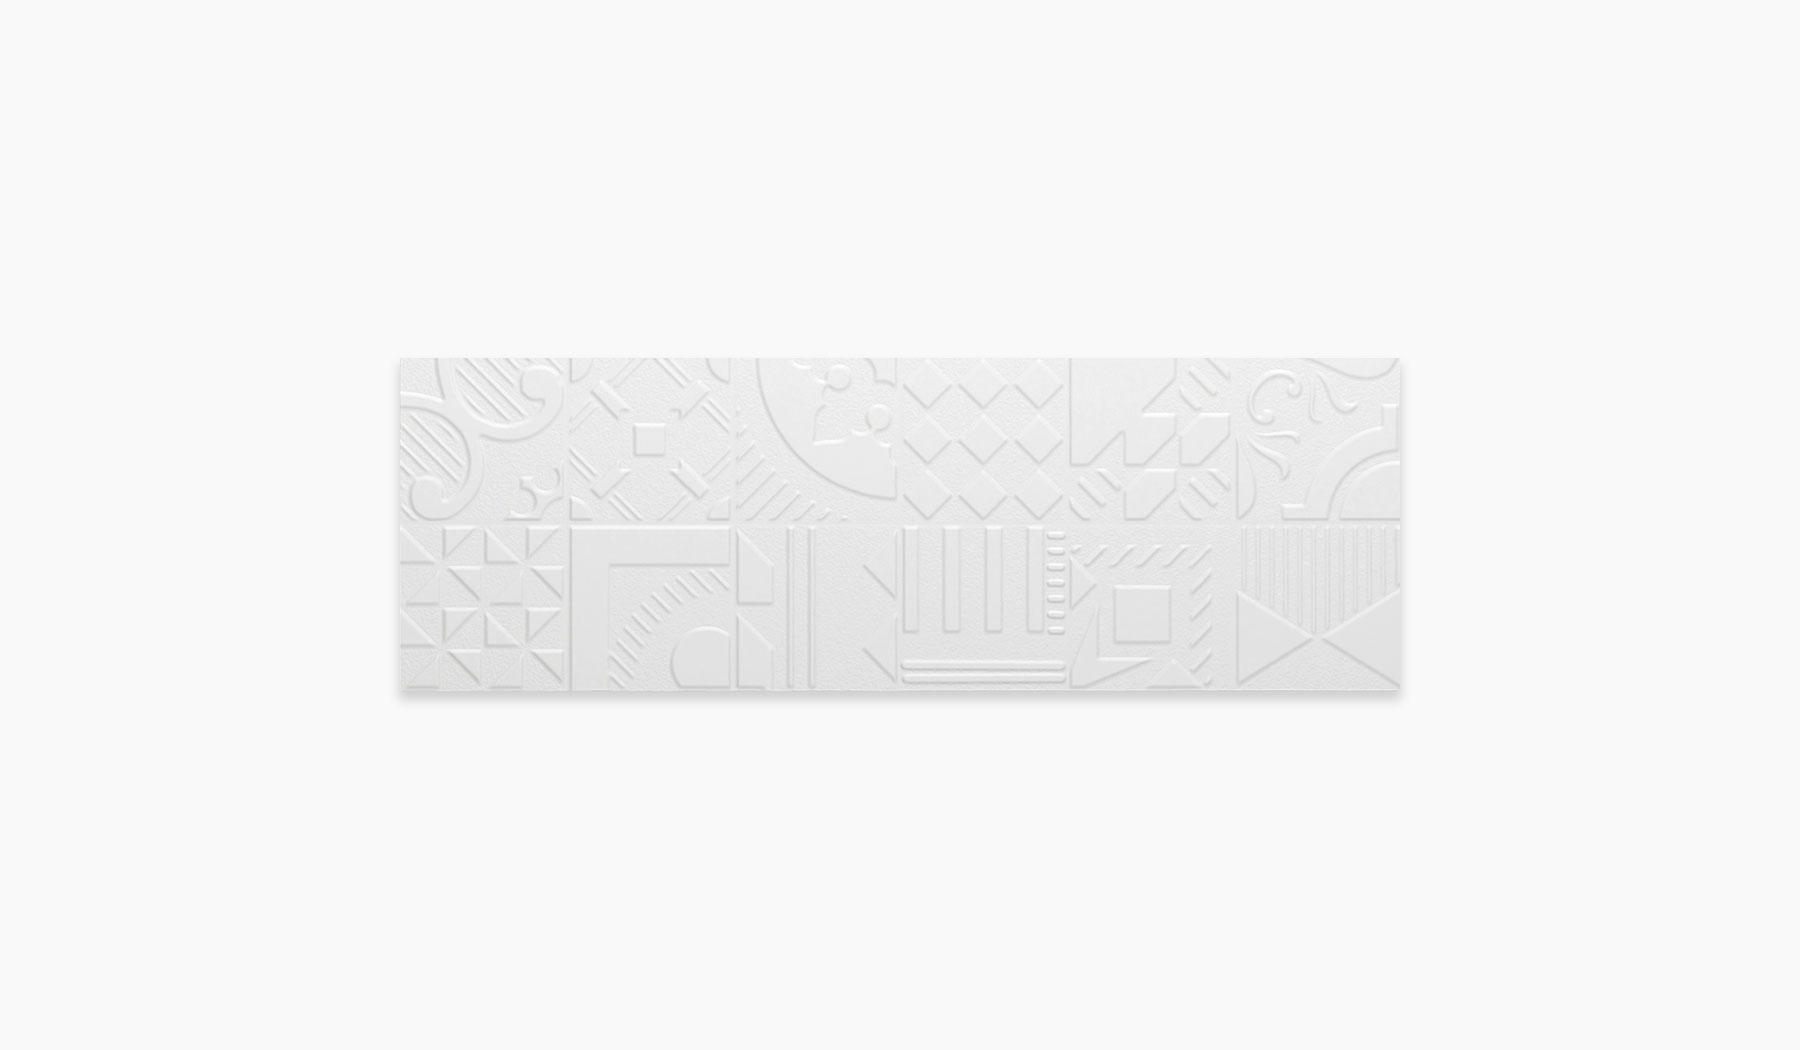 کاشی و سرامیک بوم سرامیک ، کاشی دیوار وکتور سفید سایز 30*90 لعاب مات پانچ با زمینه سیمانی